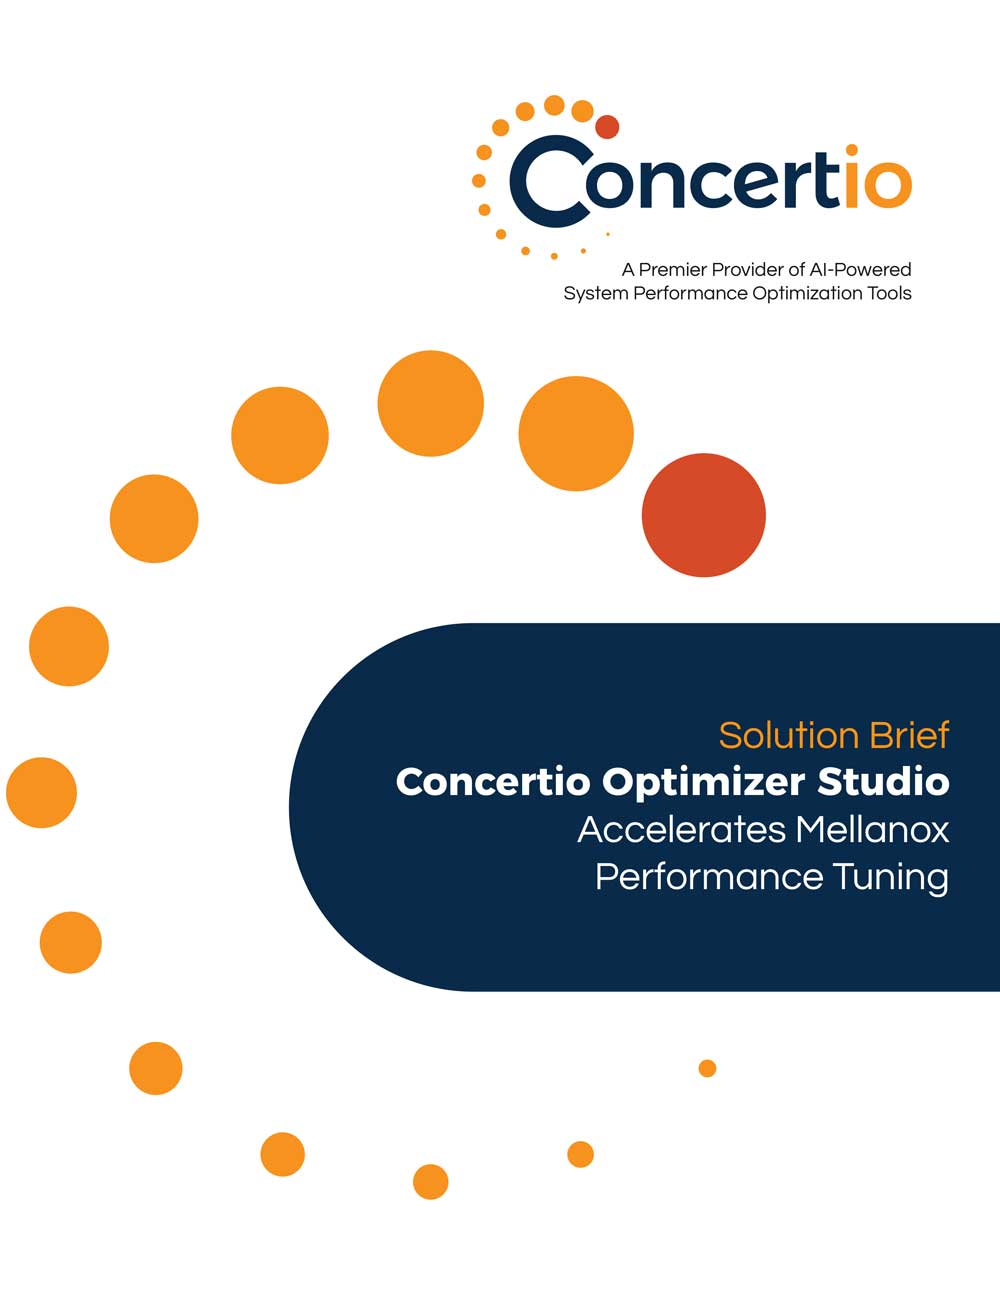 Concertio solution brief